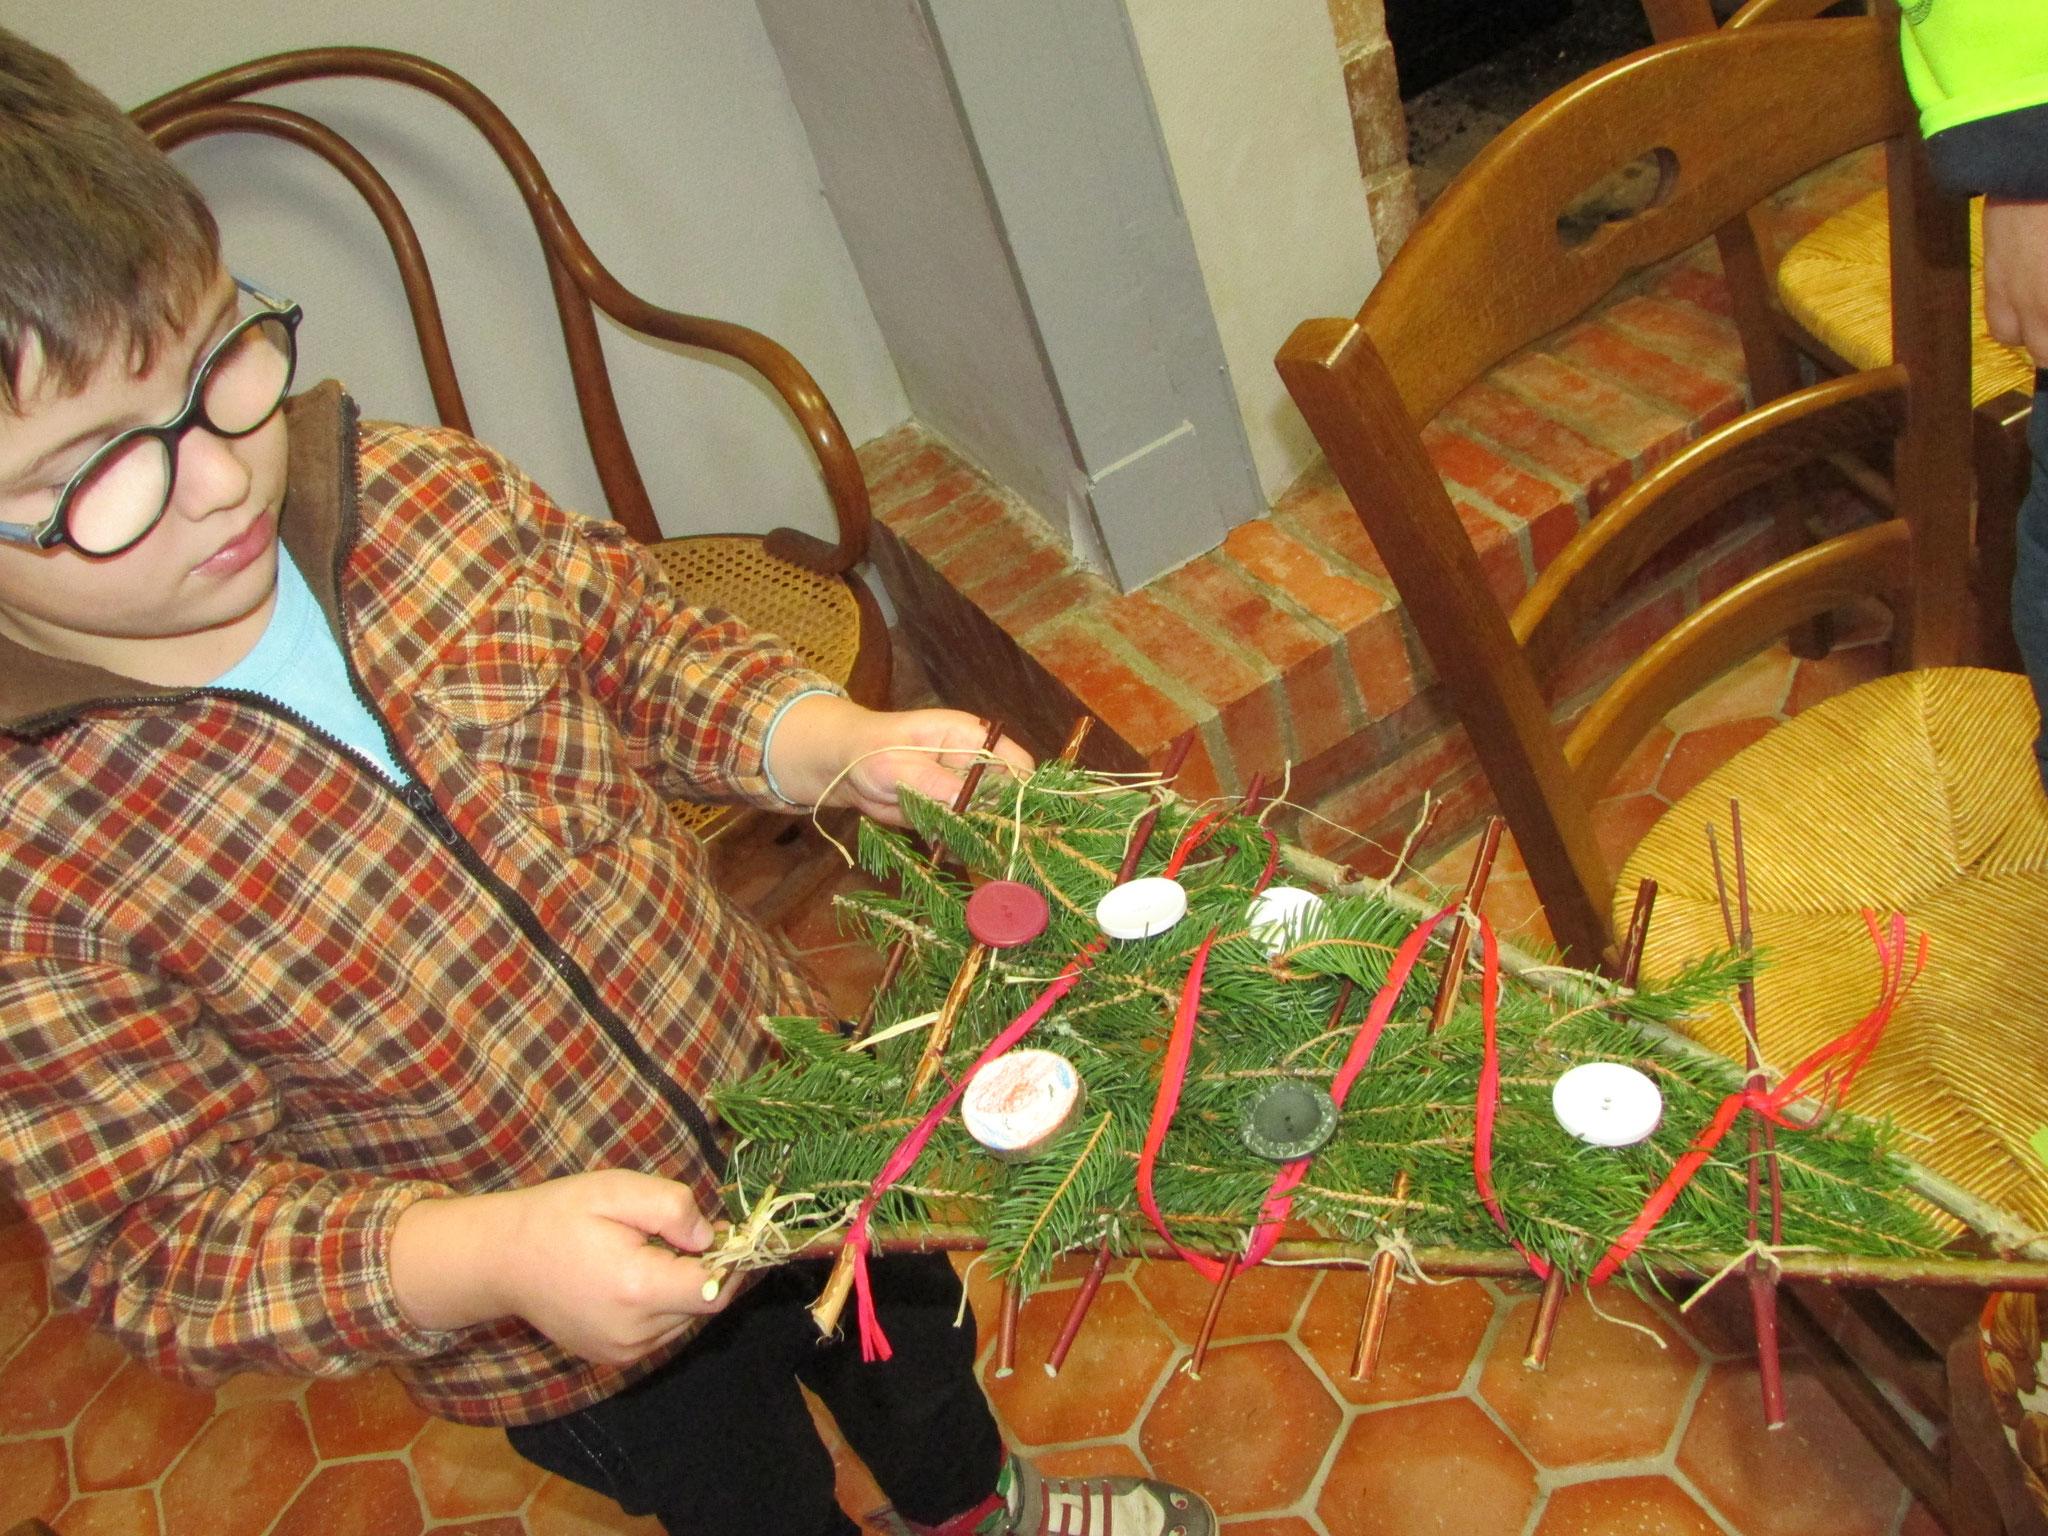 déco de Noël au naturel